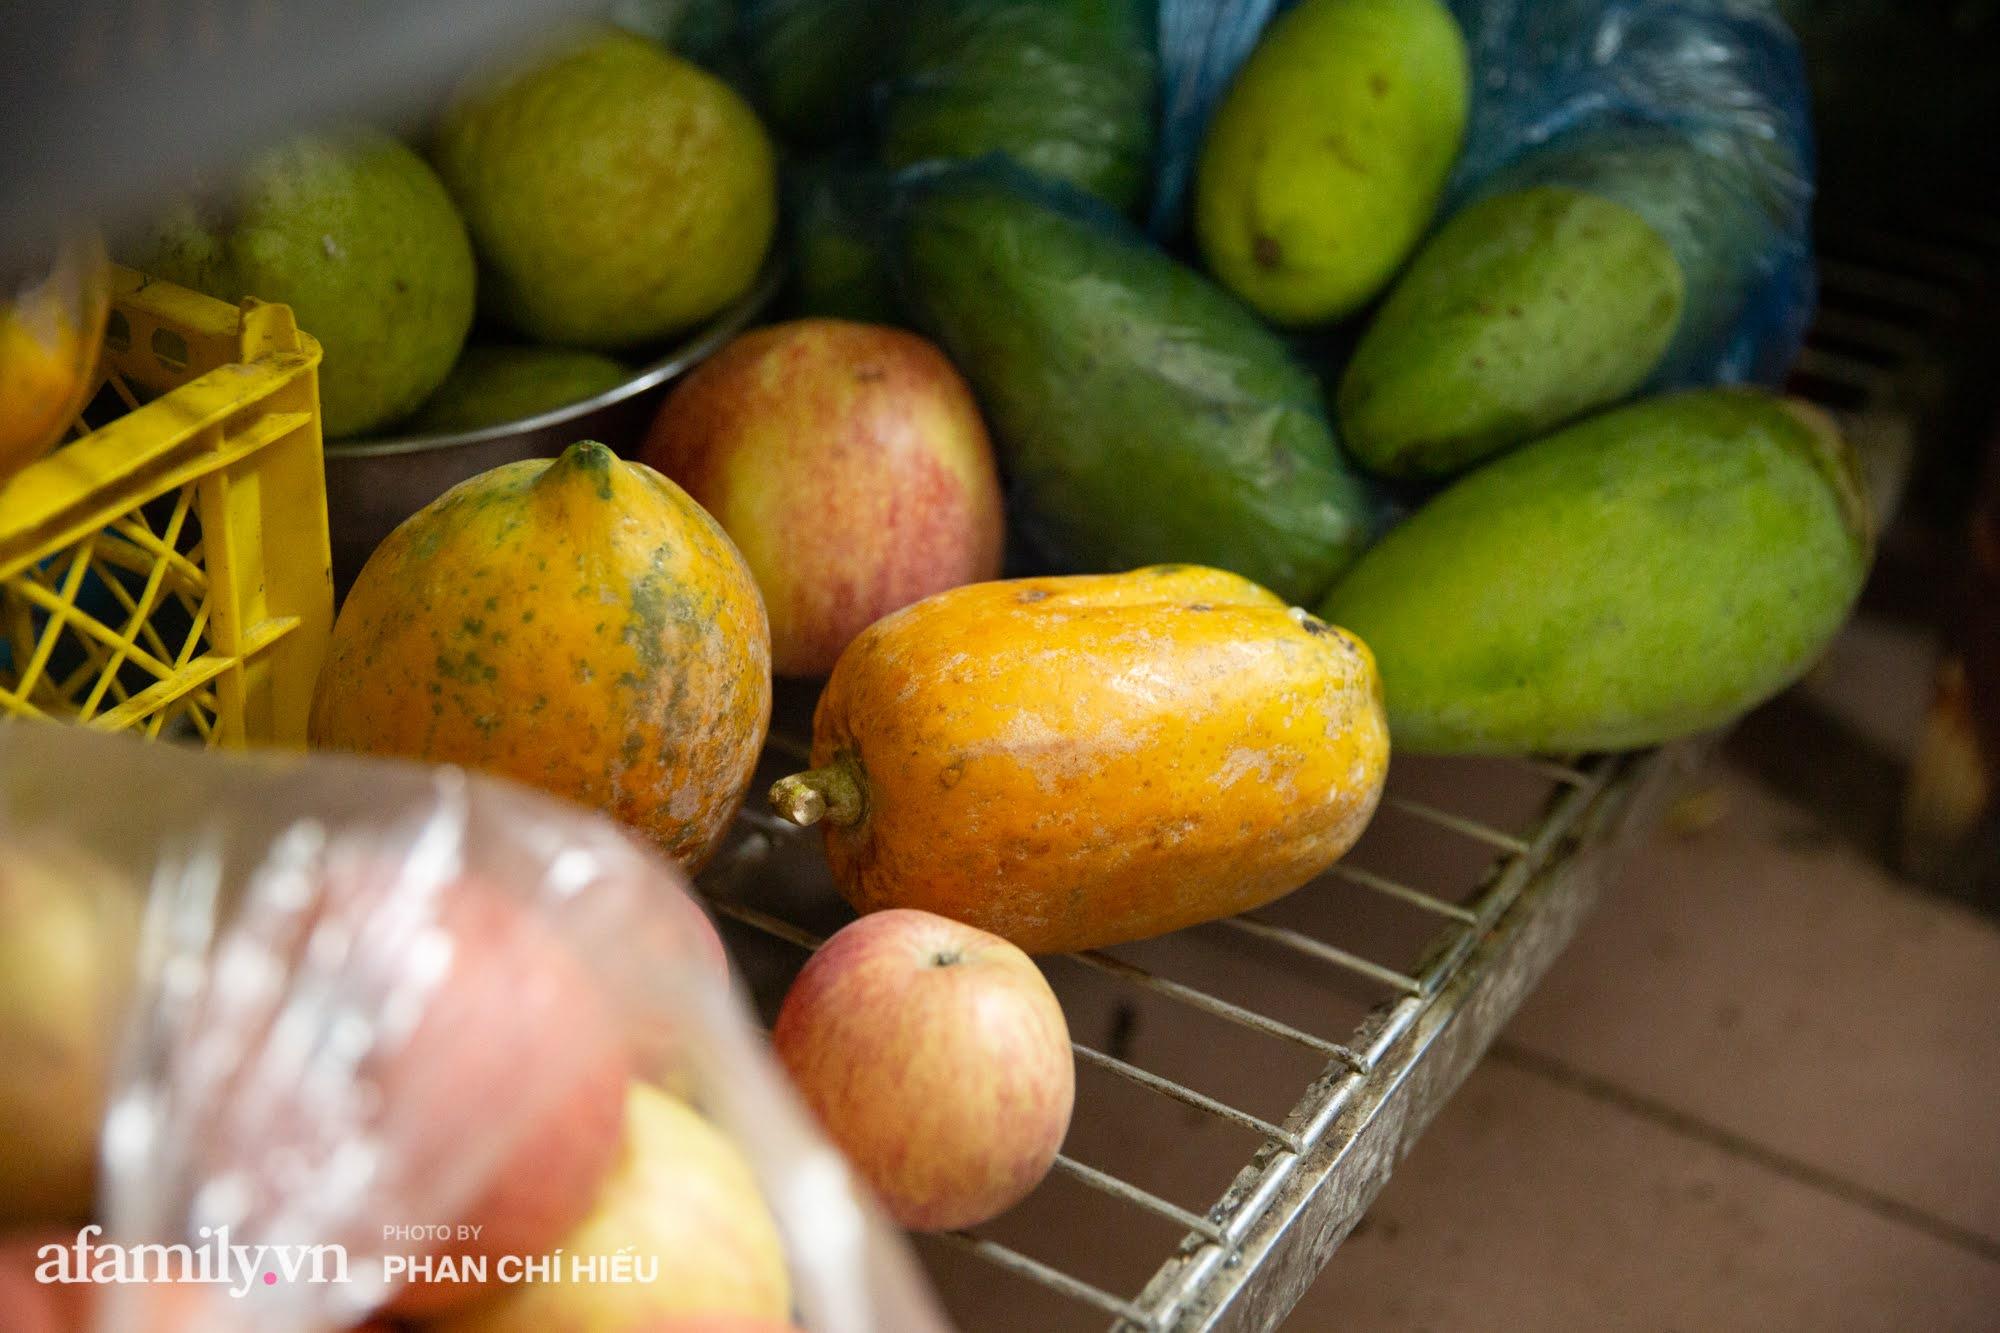 Quán chè hoa quả mix caramen nằm trong ngõ sâu của đôi vợ chồng già cùng nhau bán 20 năm, bí quyết dù đắt đỏ nhưng lại bán giá rẻ đến không ngờ - Ảnh 10.